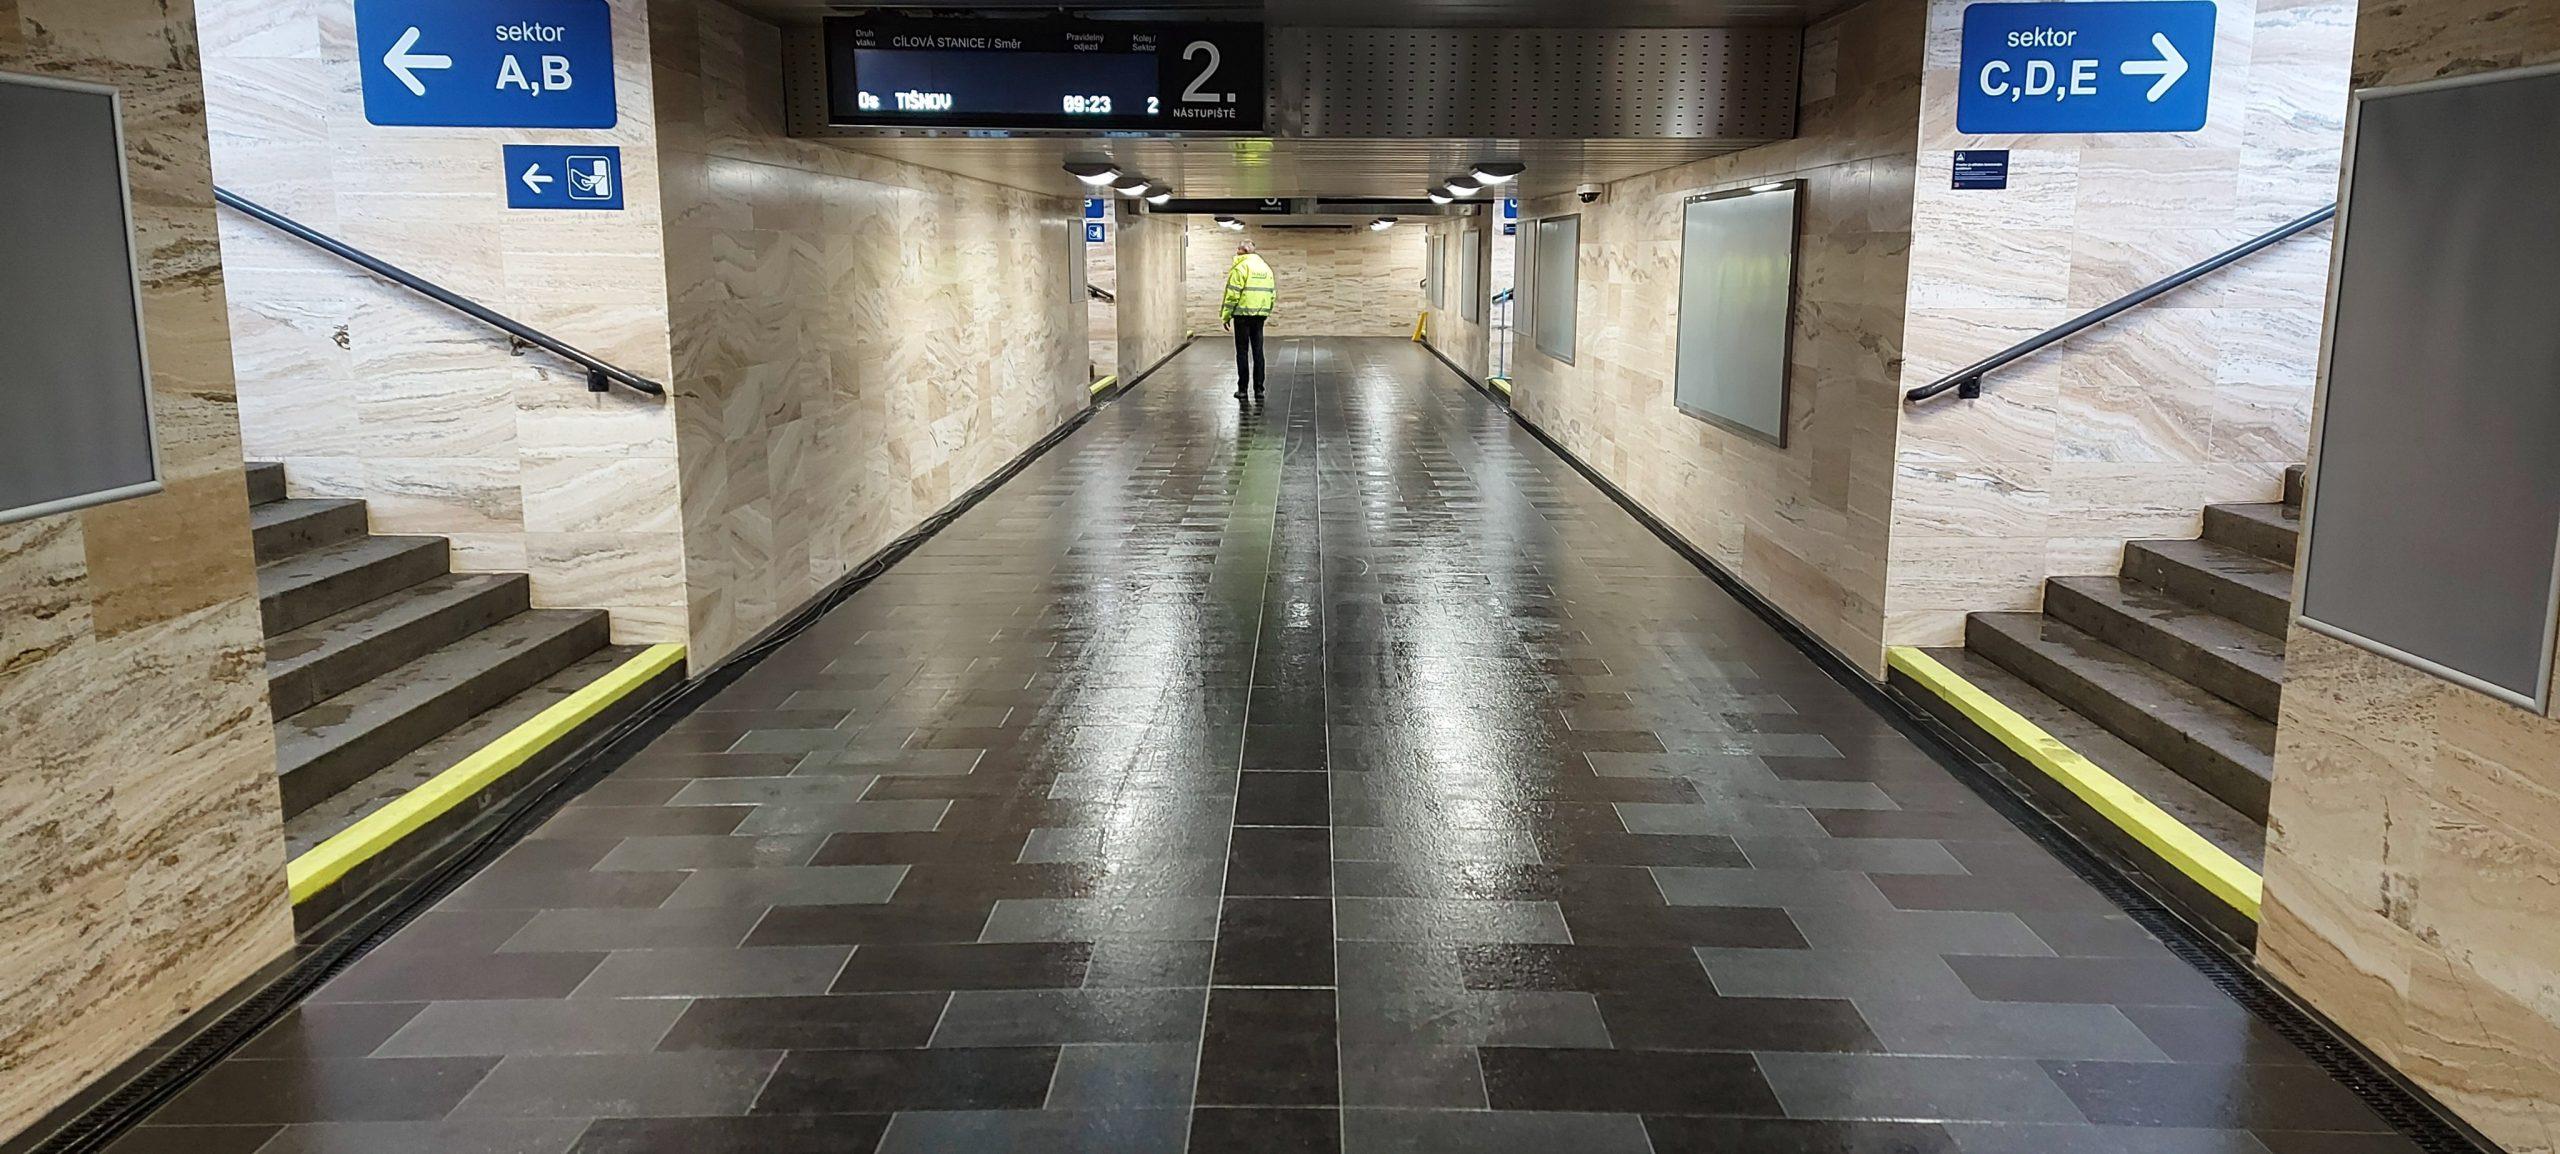 Opravený podchod ve stanici Brno hlavní nádraží. Foto: Správa železnic